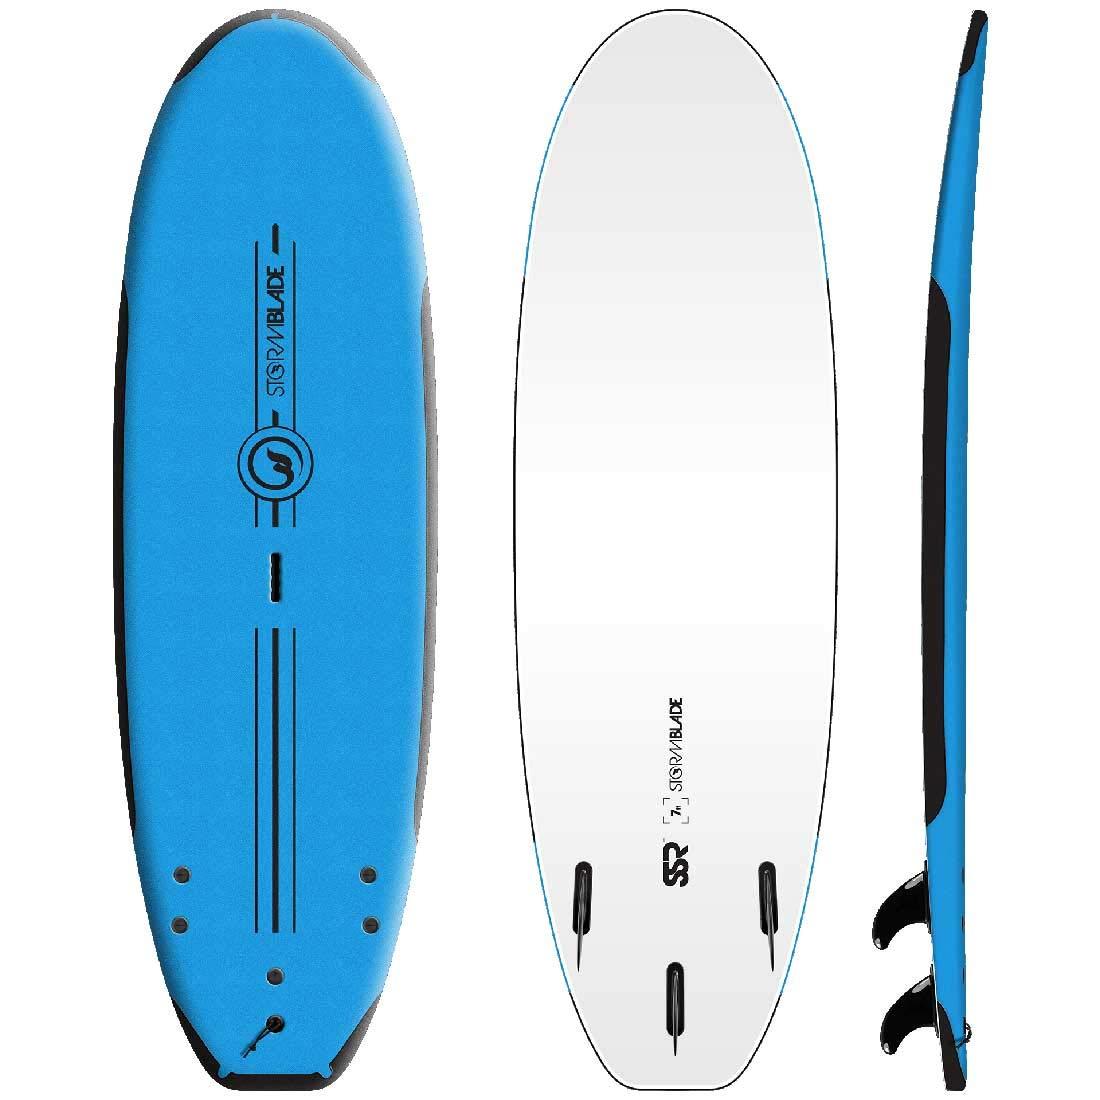 サーフボード ソフトボード STORM BLADE 7ft SSR SURFBOARDS AZ 青